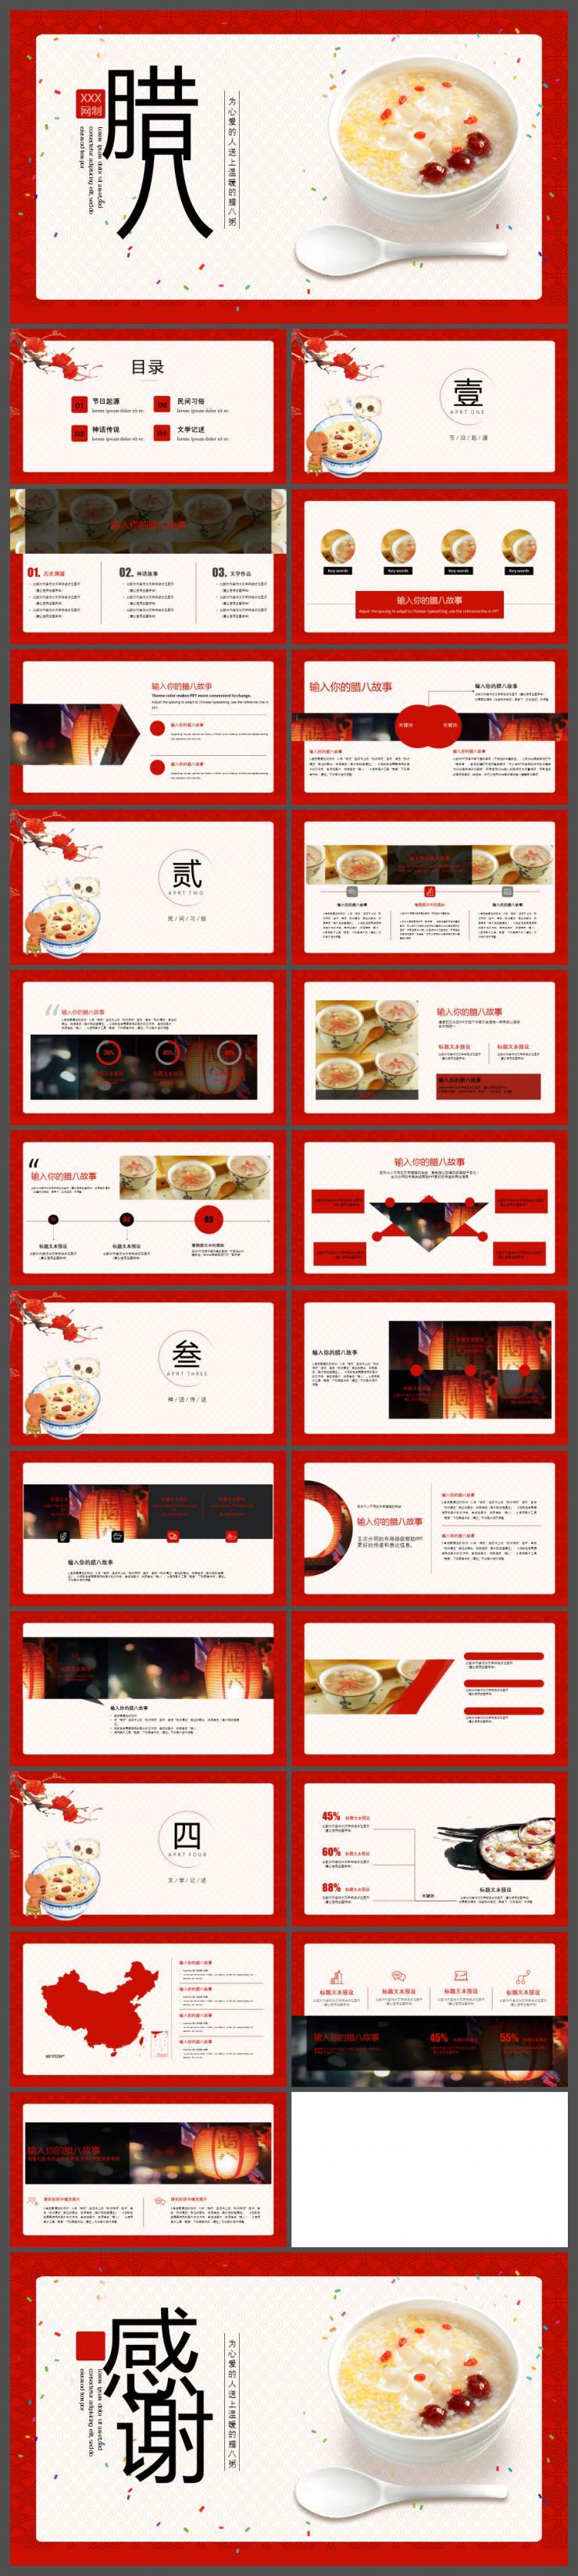 中国传统民俗腊八节文化习俗介绍ppt模板